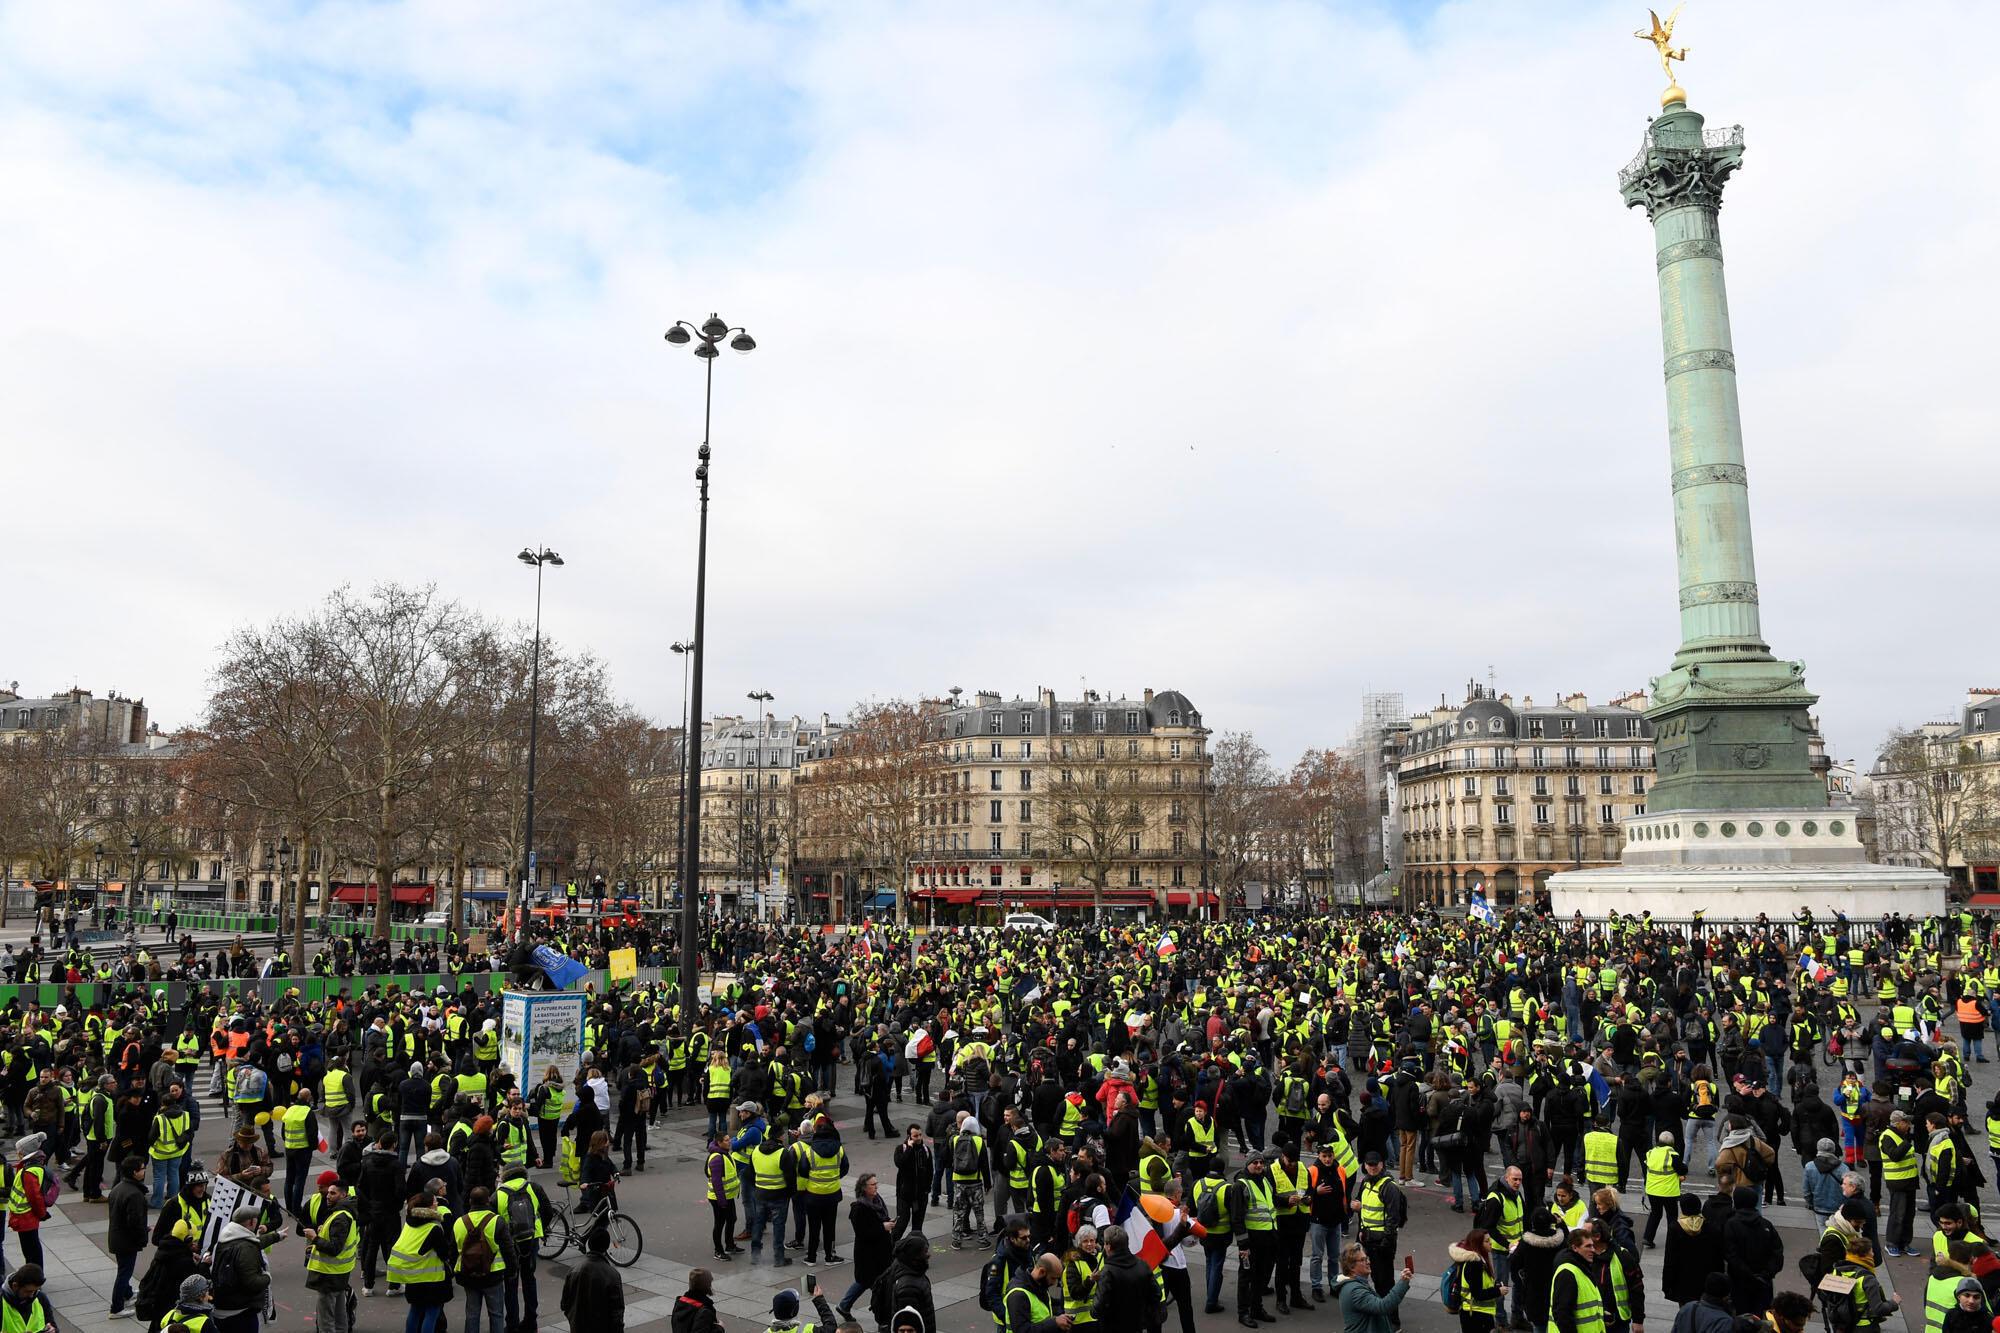 Acte IX : le cortège des «gilets jaunes» place de la Bastille, le 12 décembre 2019.